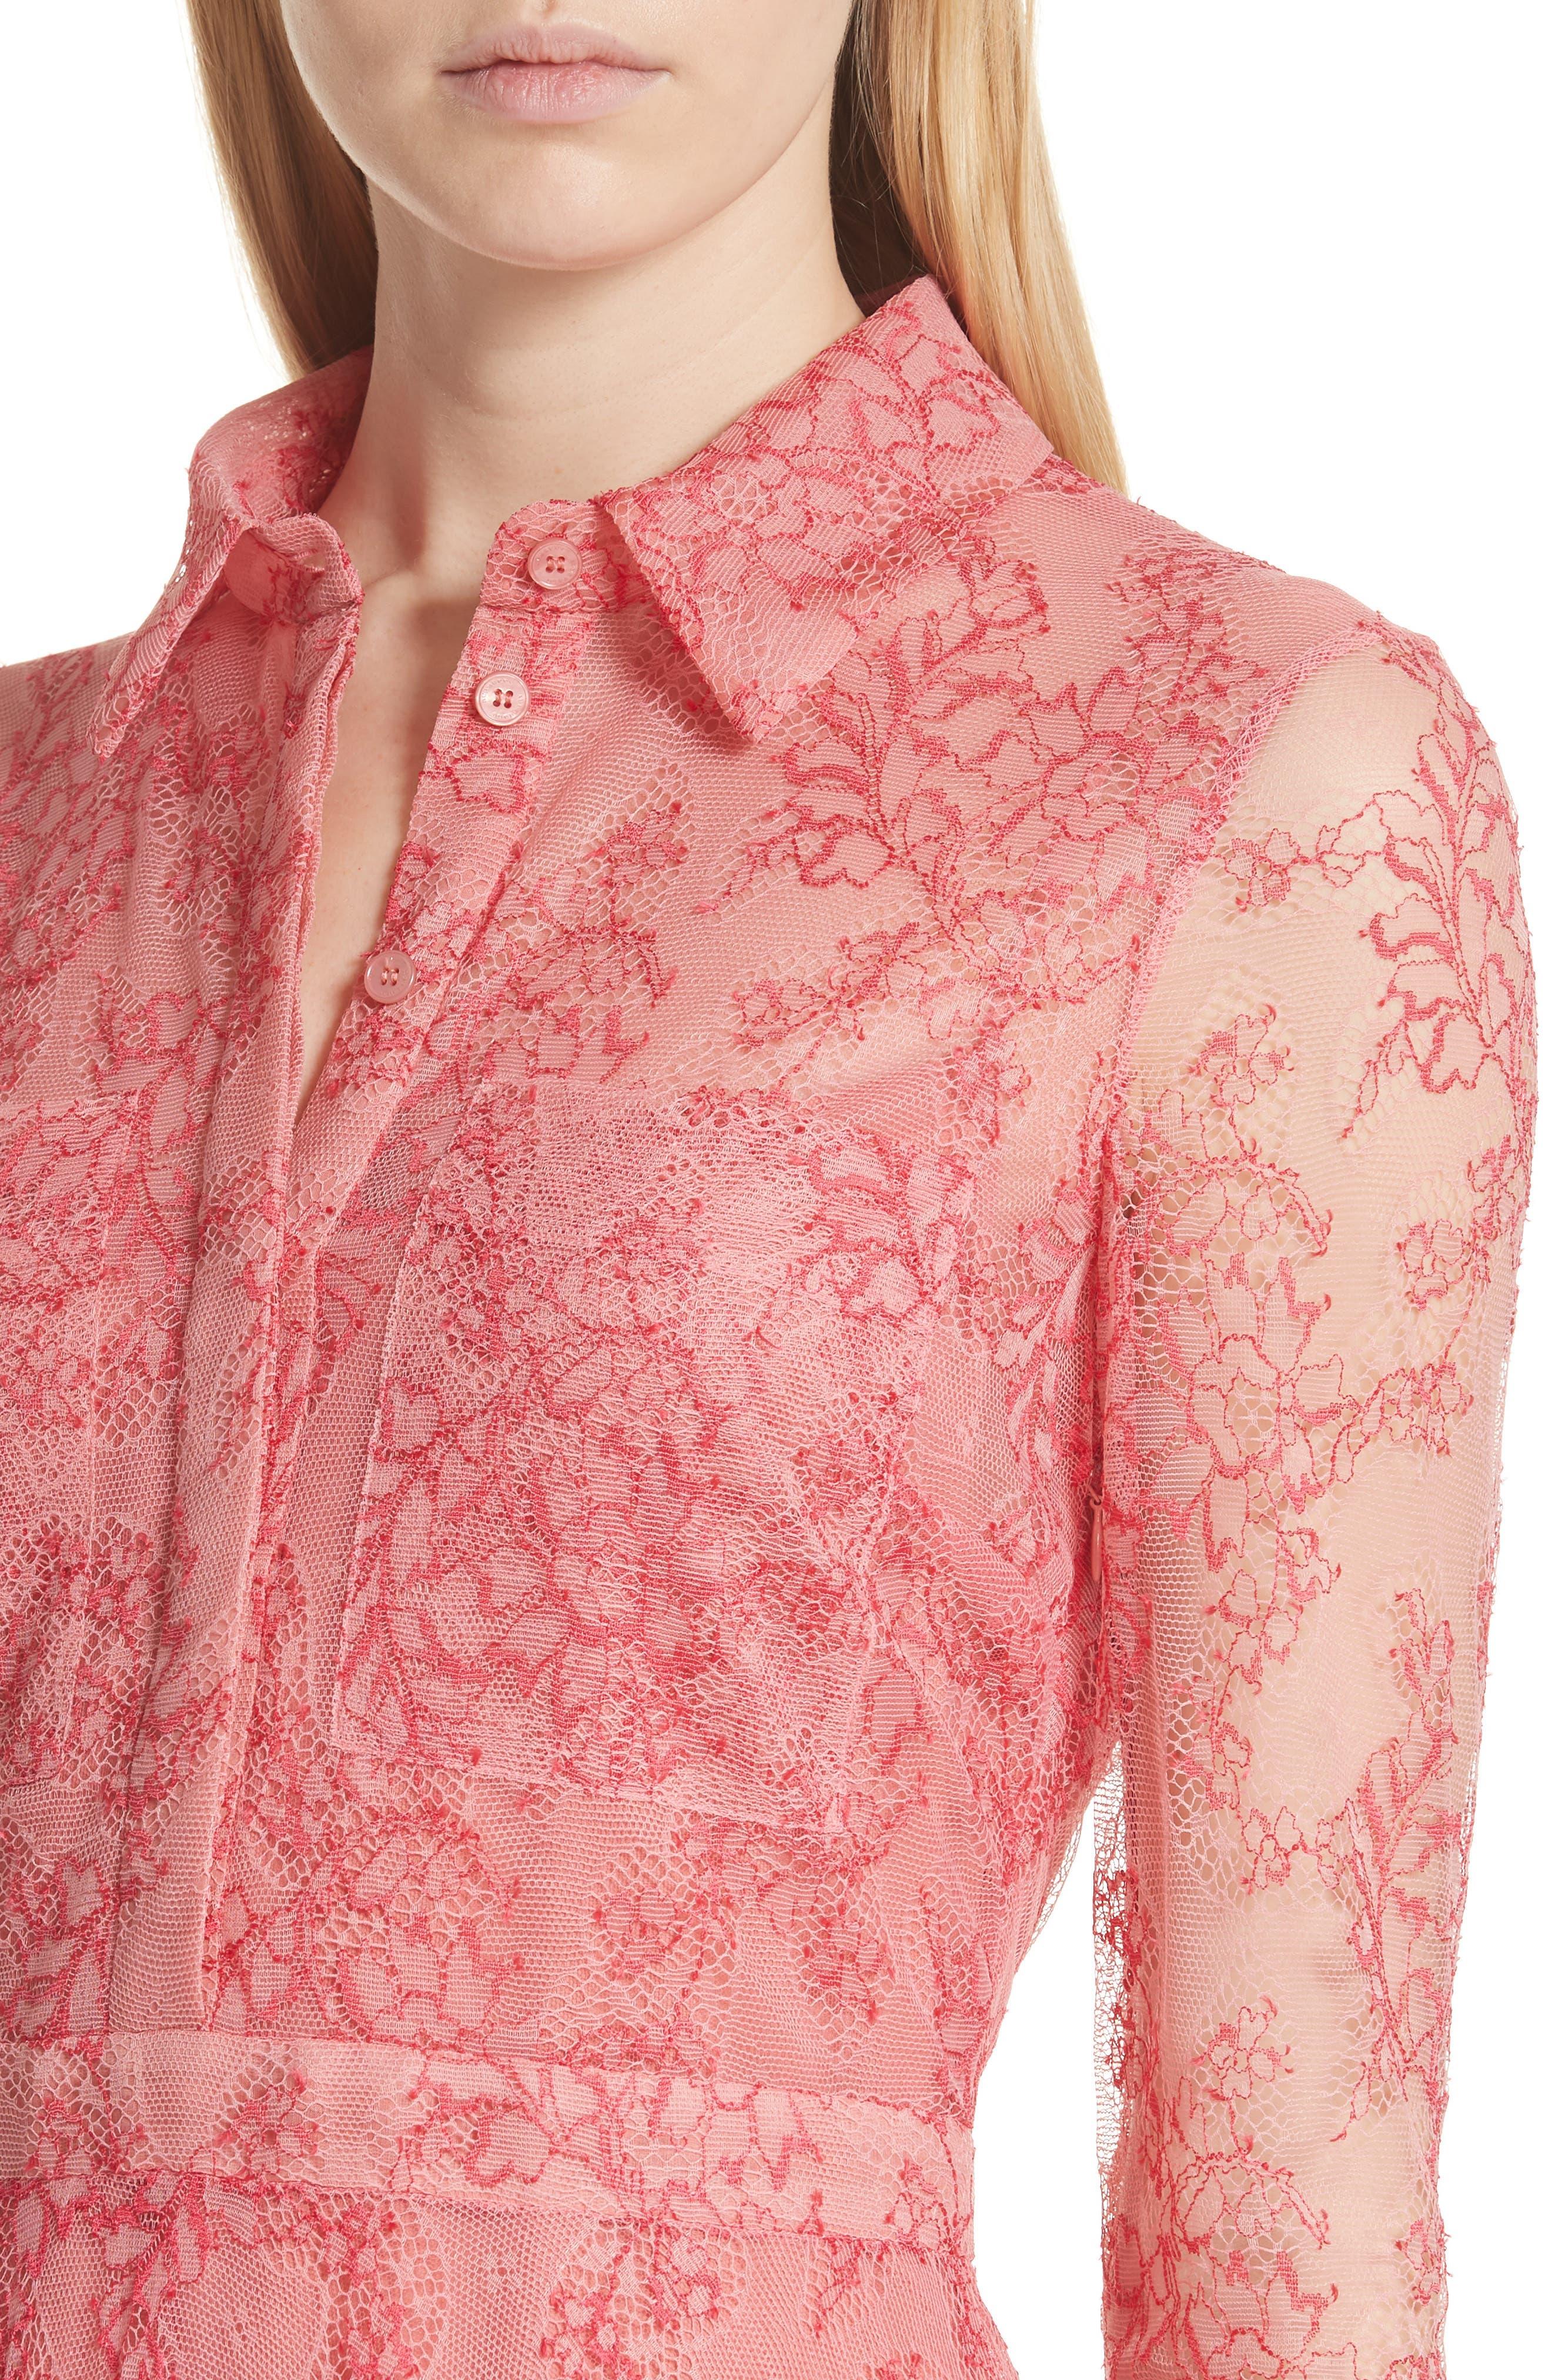 Clementine Floral Lace Midi Dress,                             Alternate thumbnail 4, color,                             956